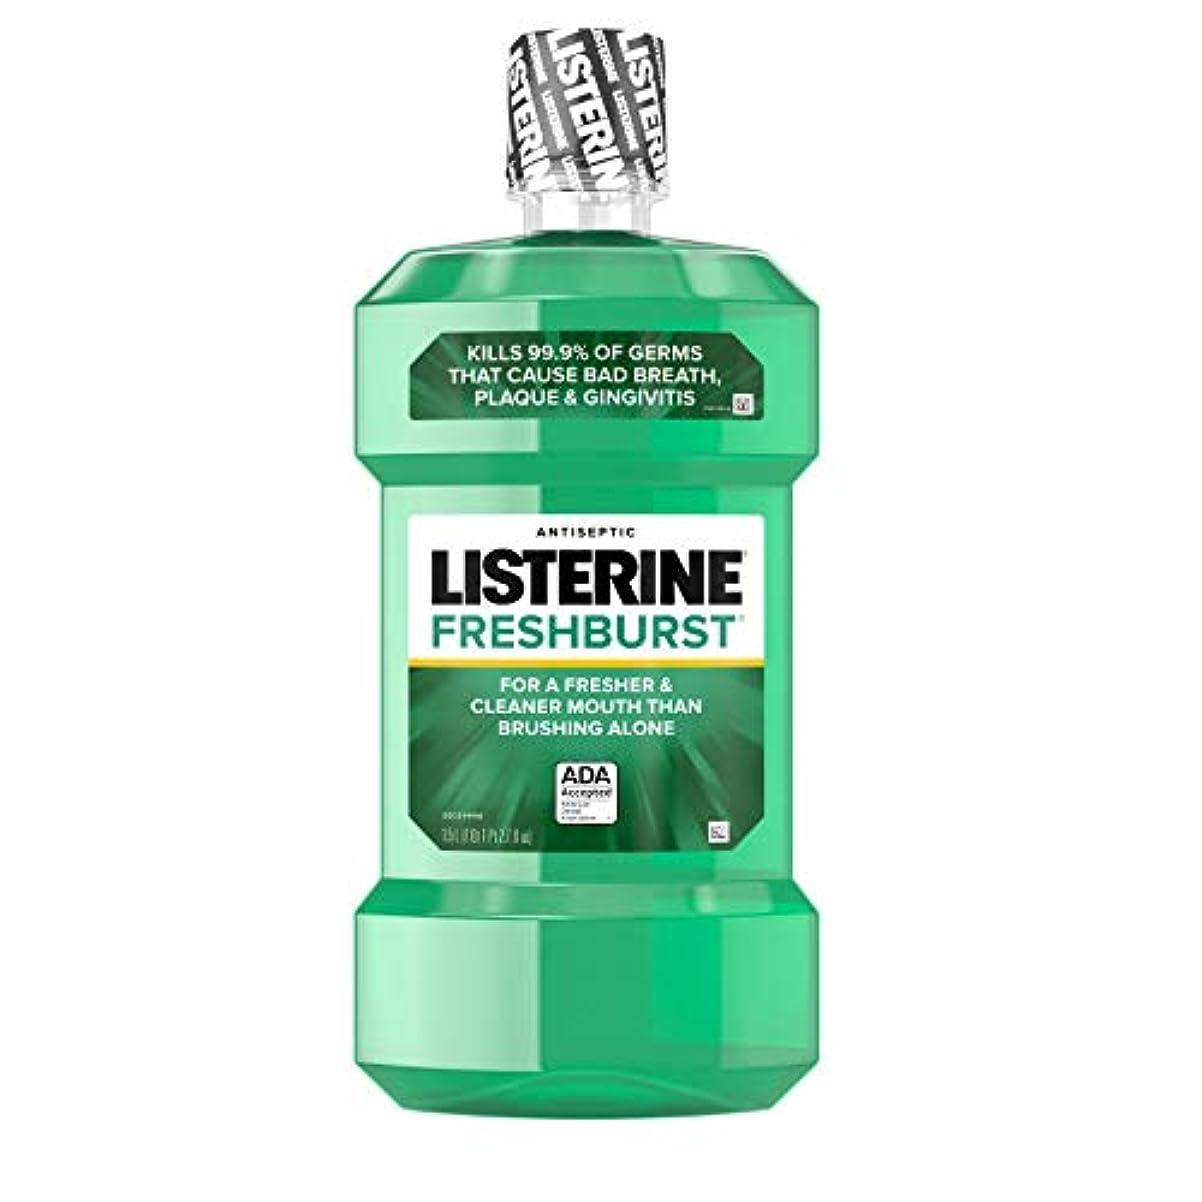 Listerine 口臭と戦うために生殖?キリングオーラルケアフォーミュラ、プラークと歯肉炎とFreshburst消毒うがい薬、1.5 L